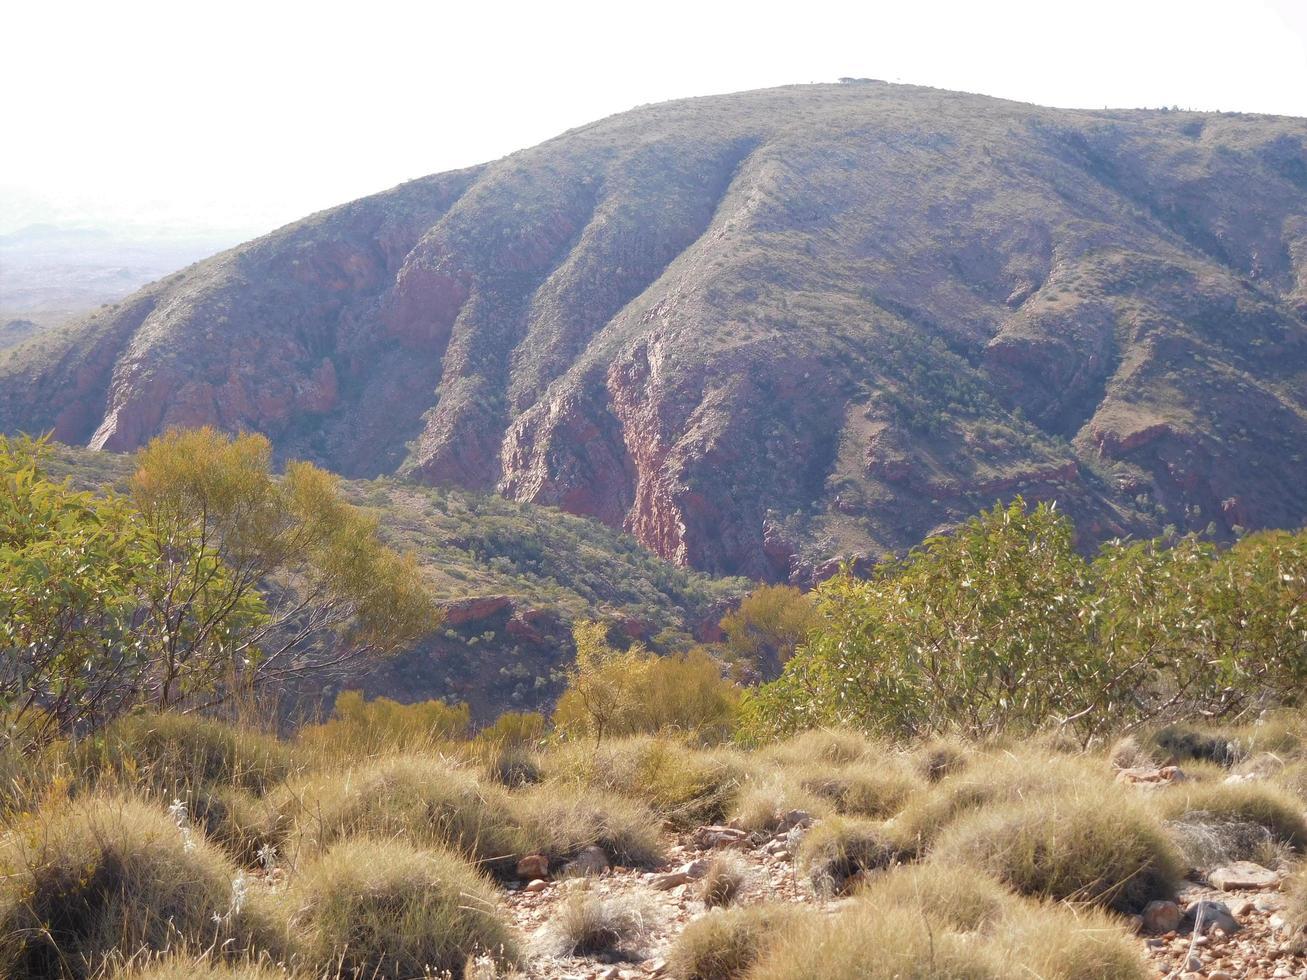 Vista de una enorme montaña erosionada en Australia central foto